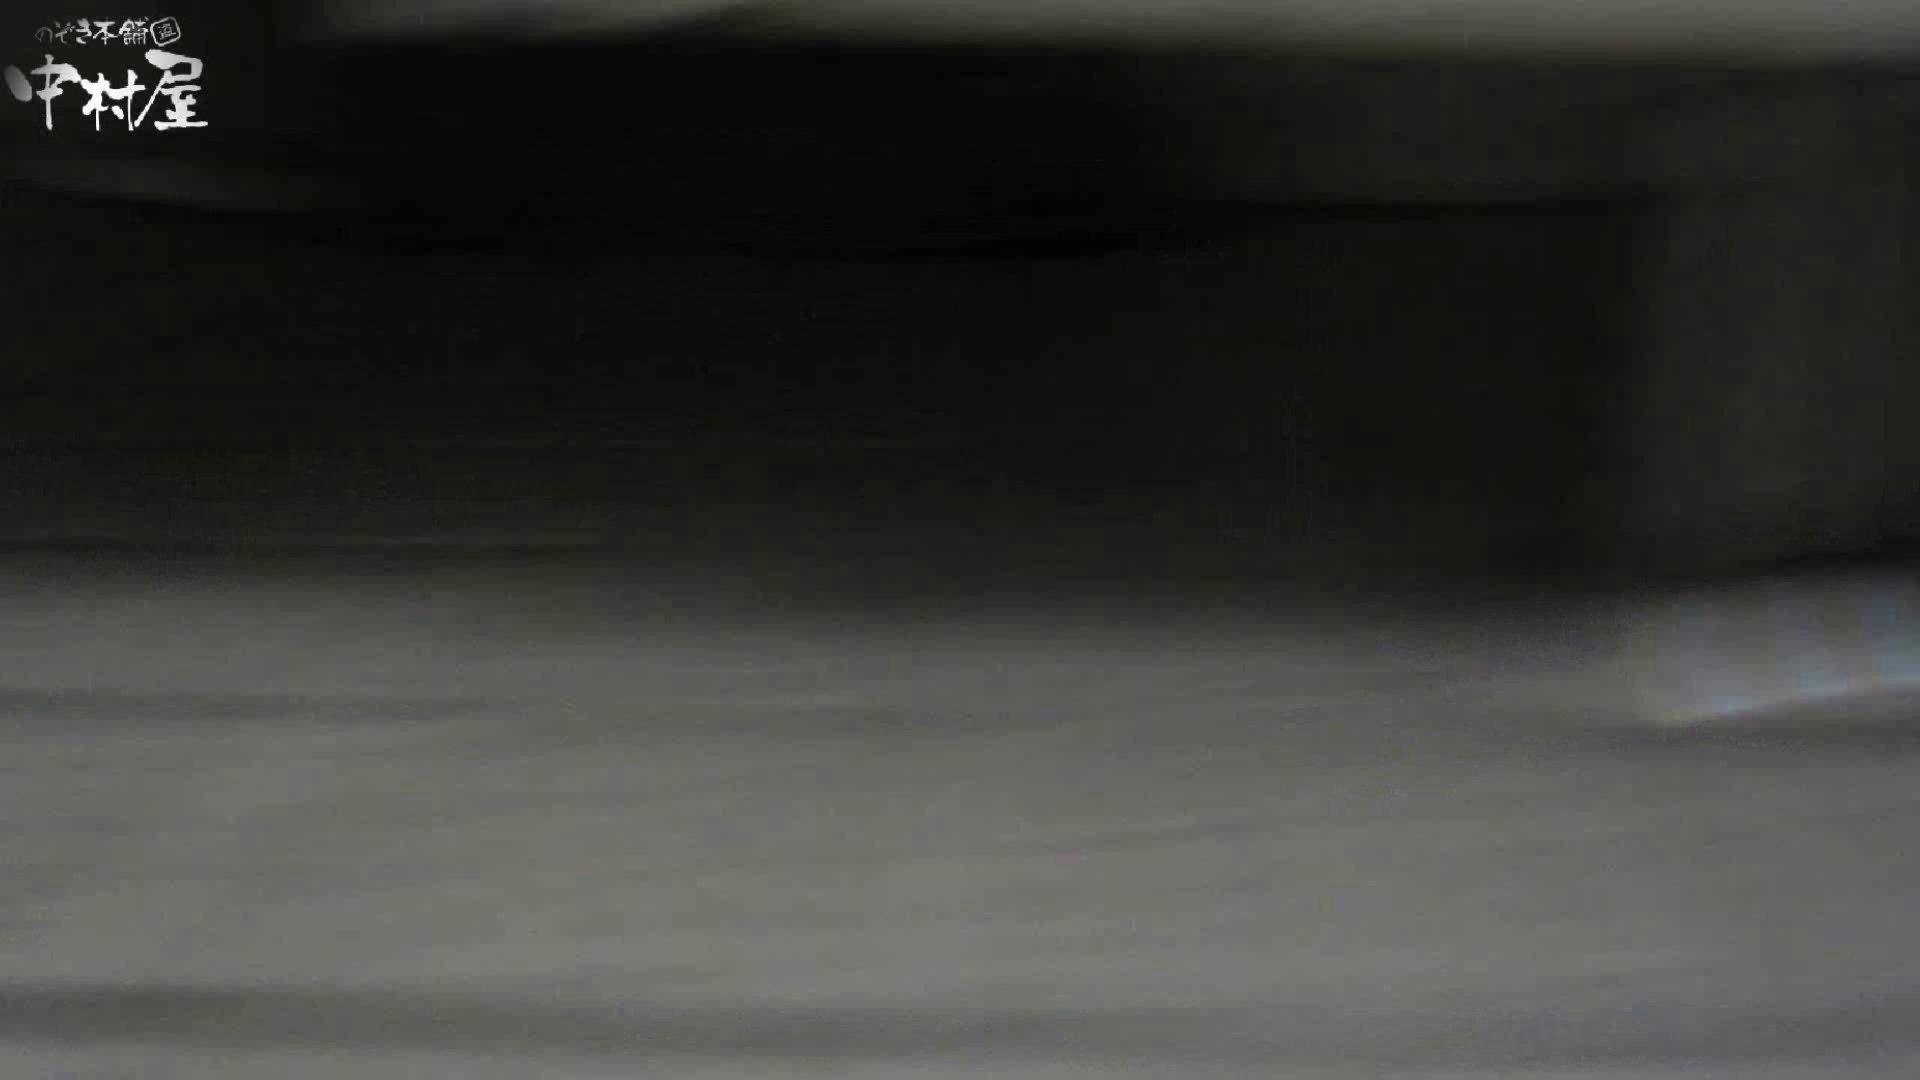 魂のかわや盗撮62連発! ロンハーギャル! 45発目! 女体盗撮 | 黄金水  93連発 79